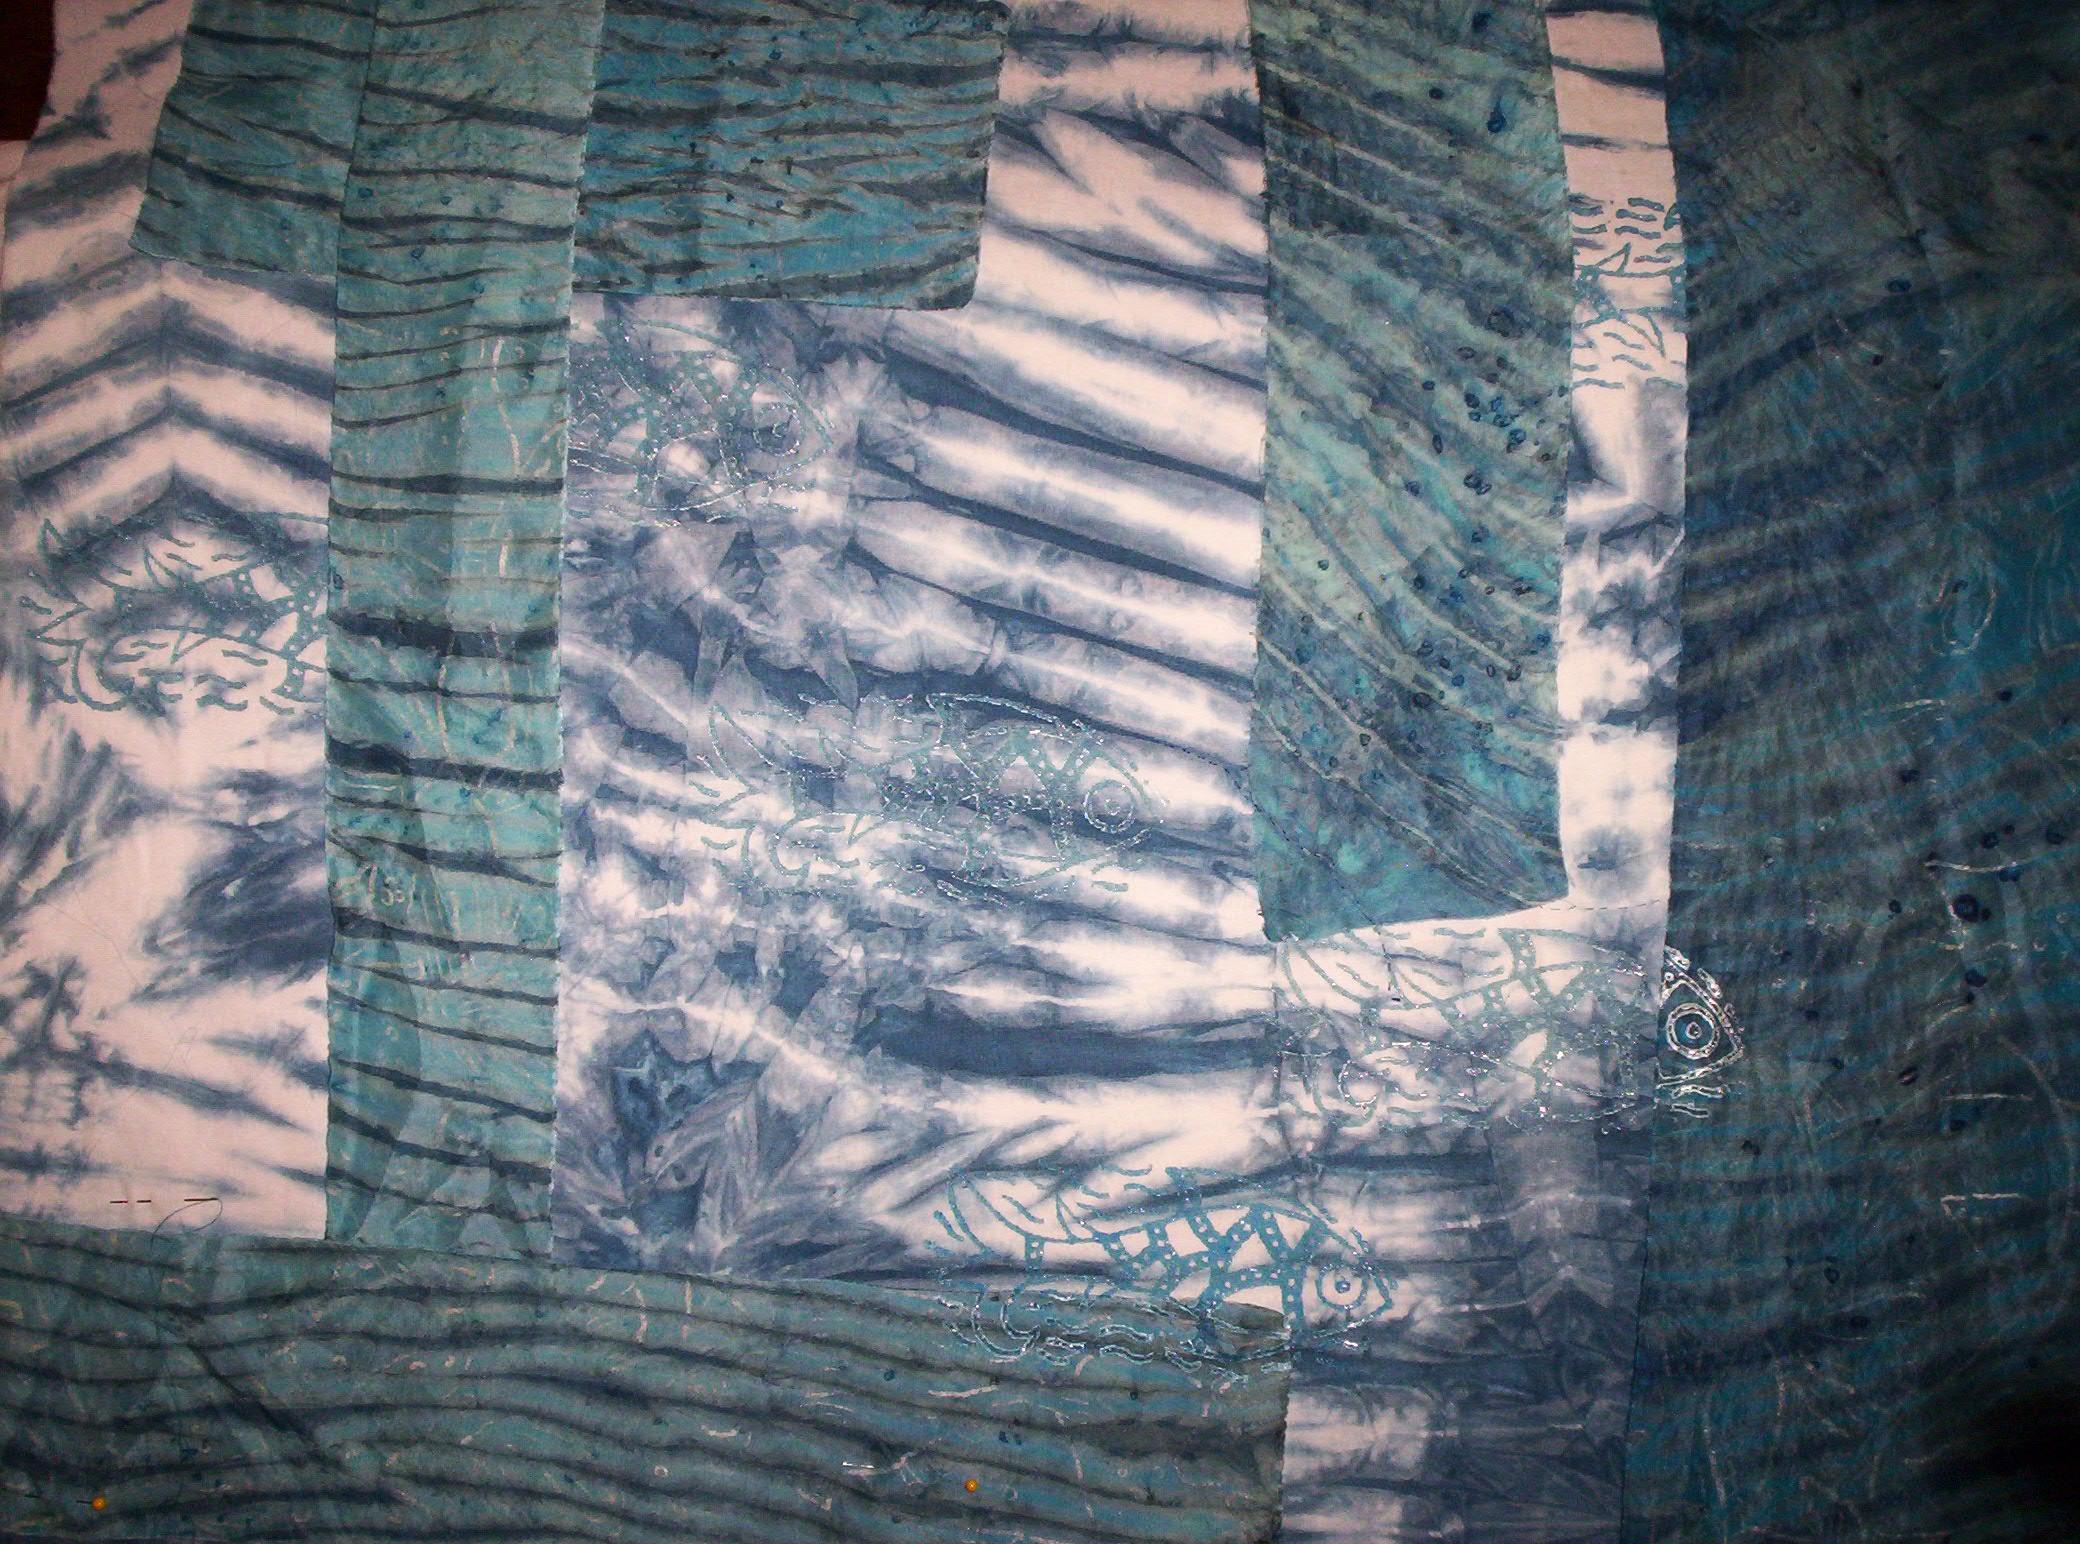 Detail from Sea Scrolls Wood Block on Silk & Cotton by Lynne Britten